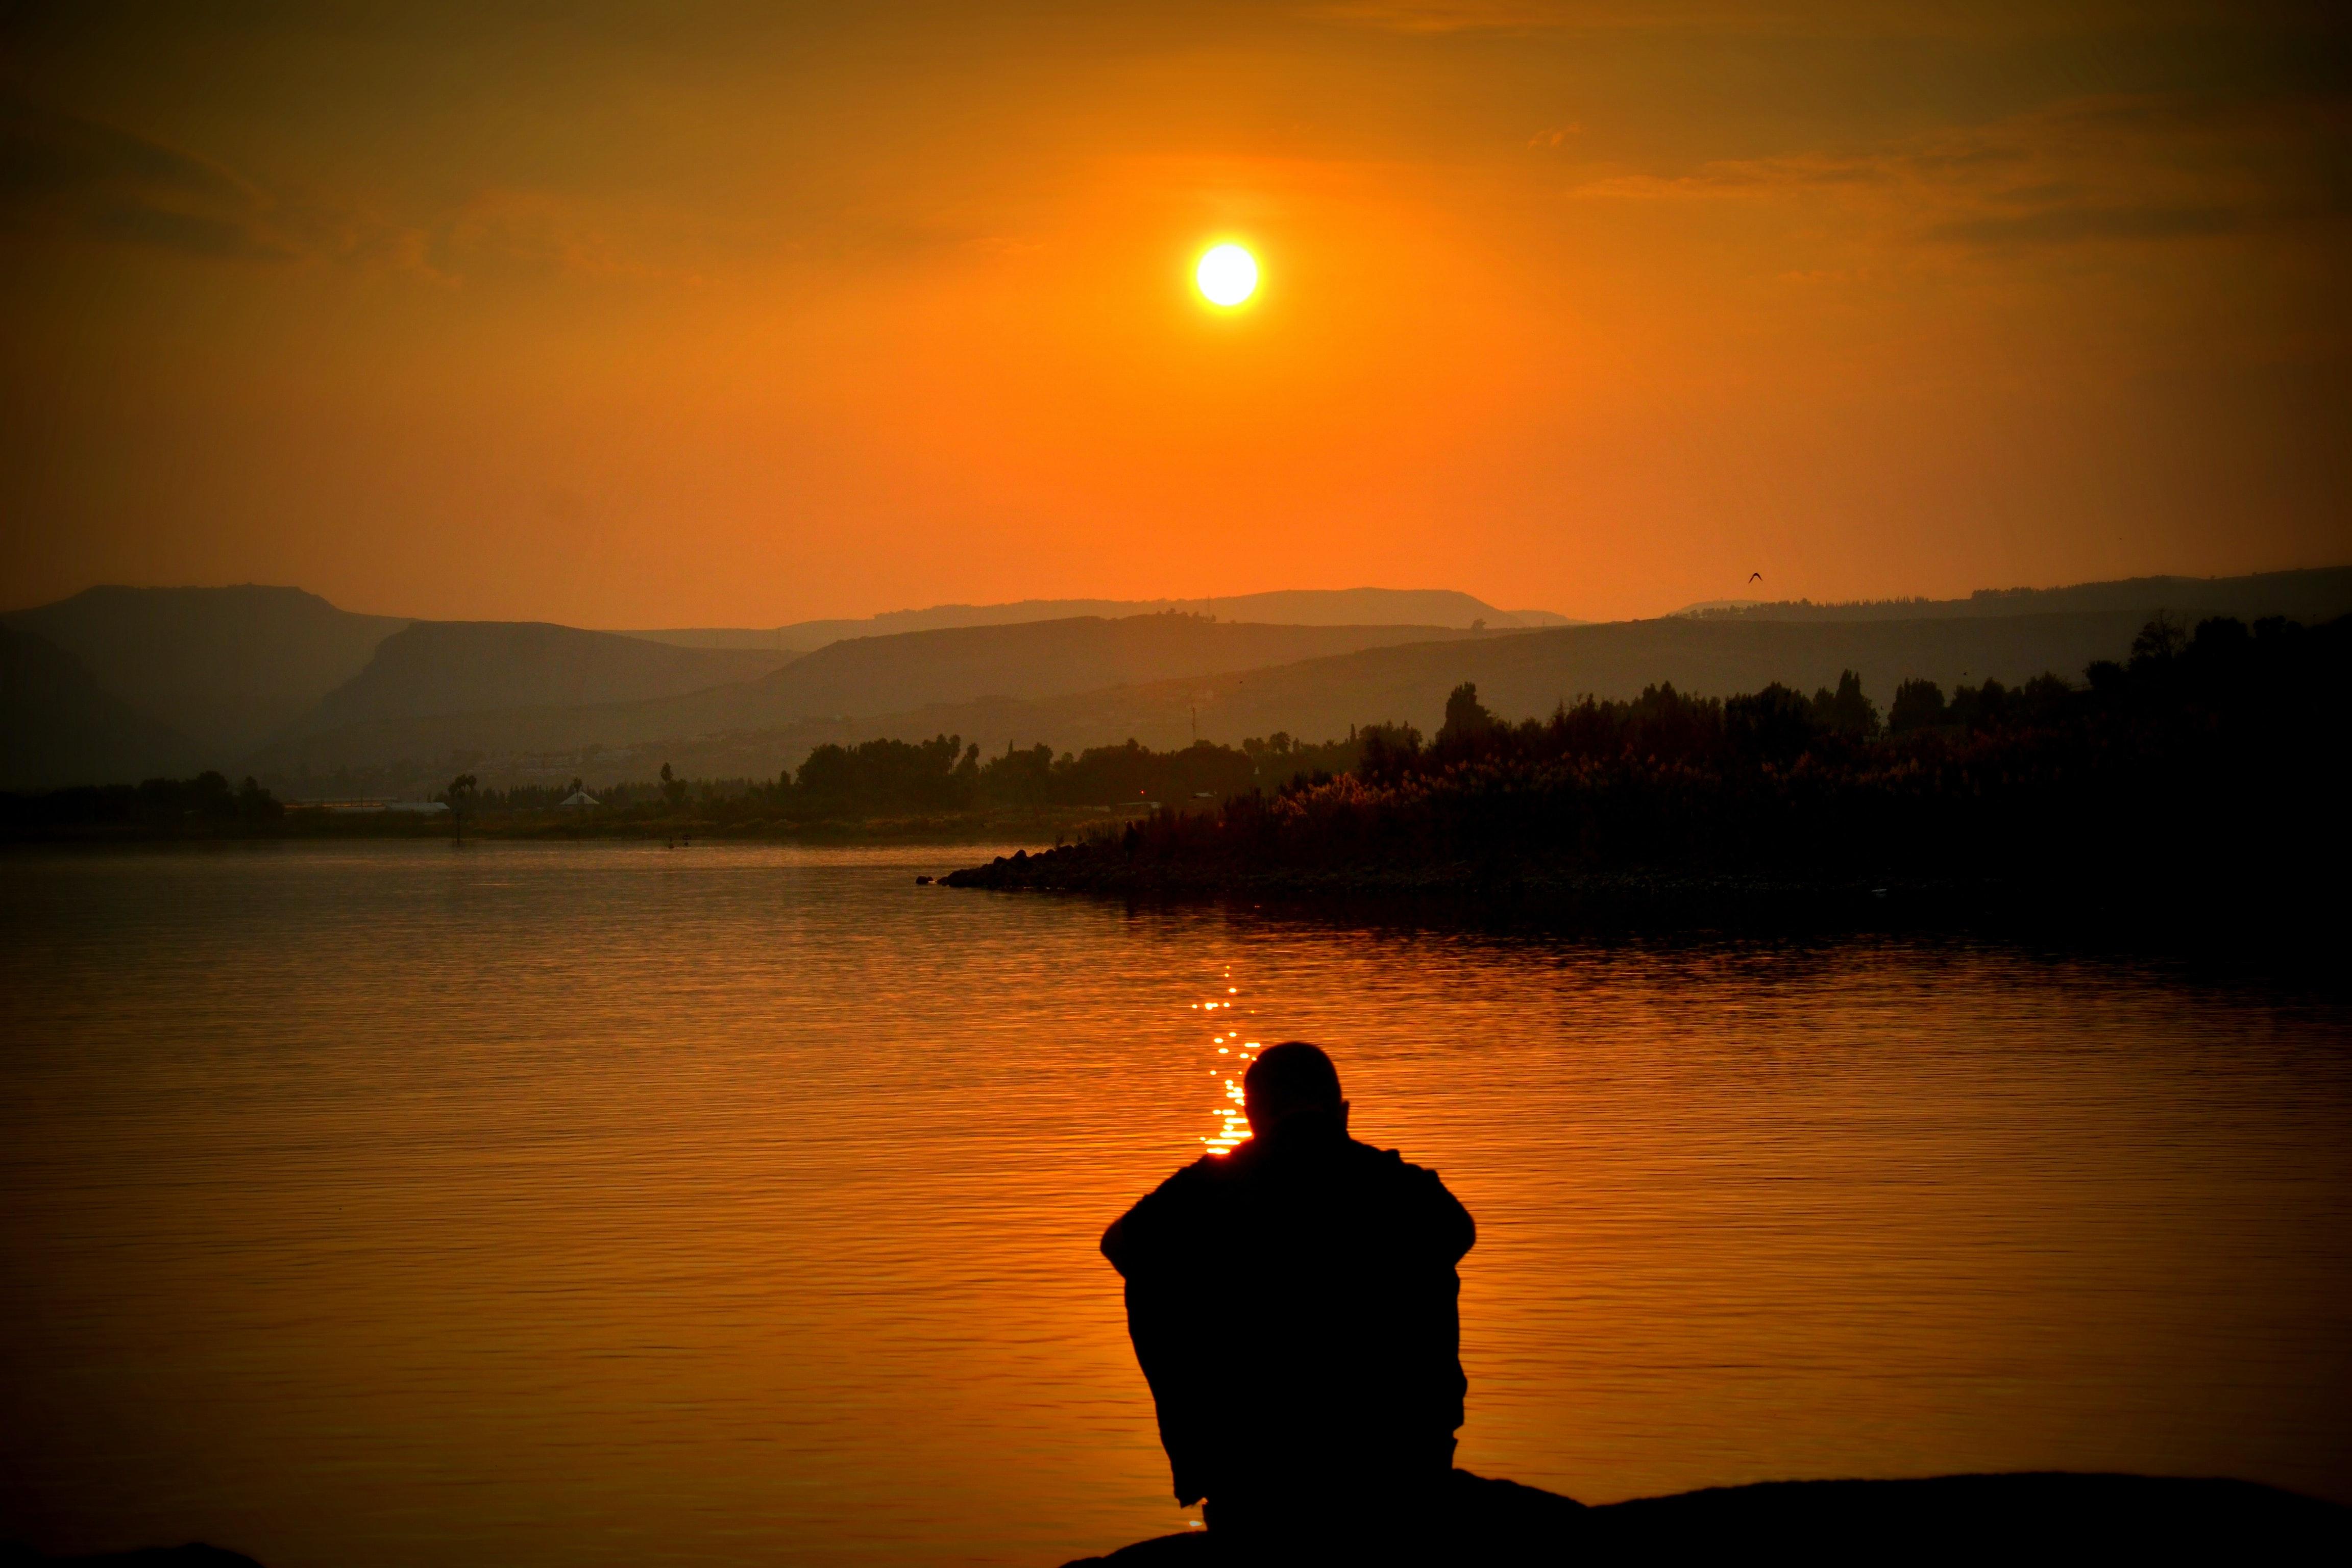 Solastalgie et éco-anxiété : quand l'écologie déprime